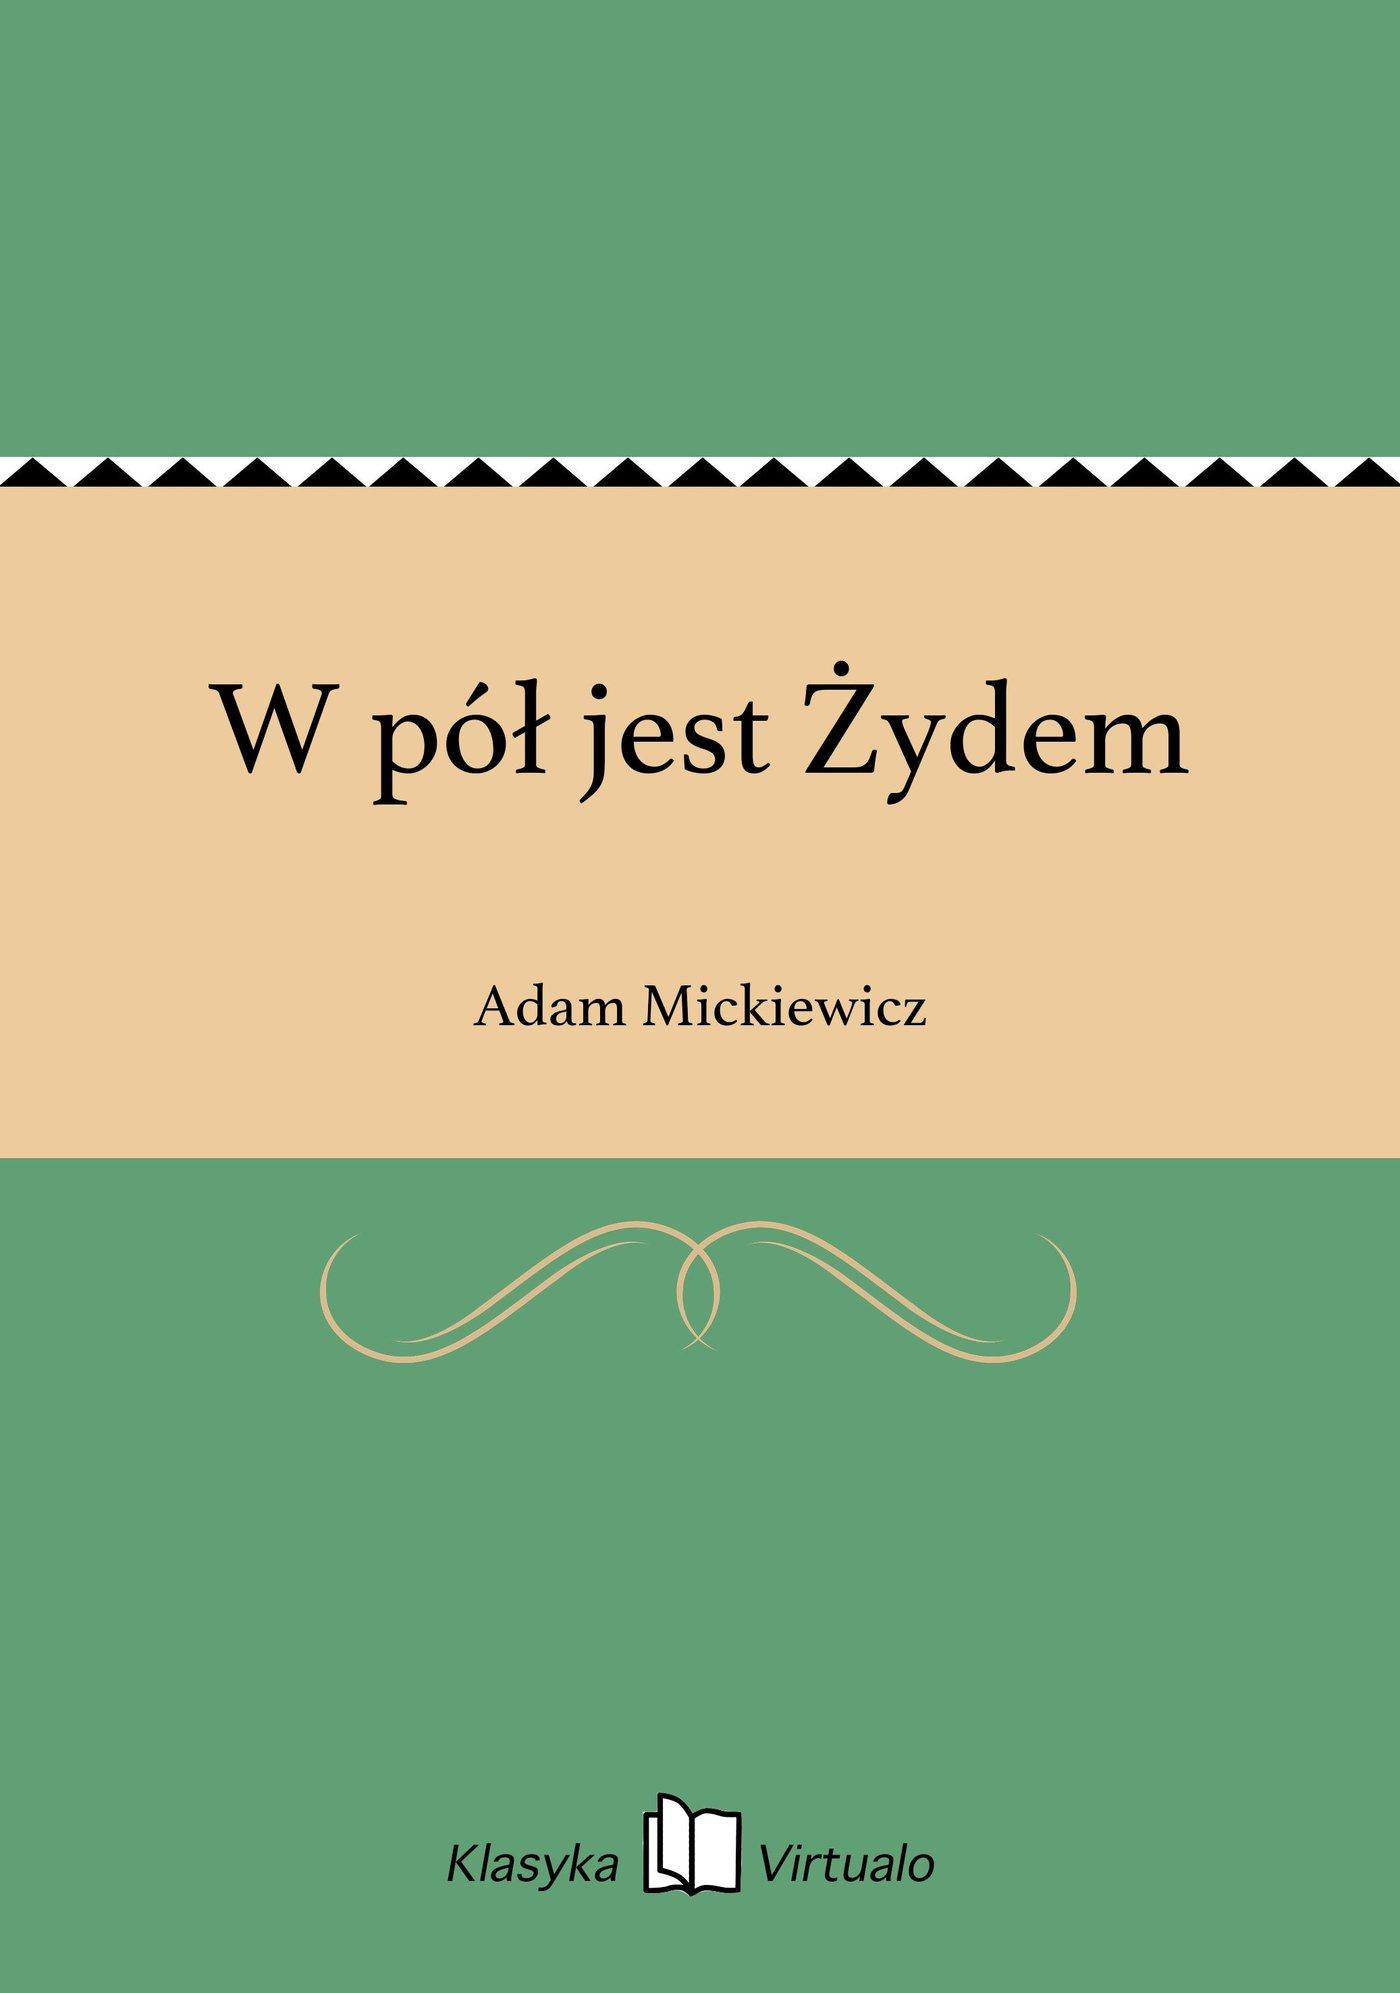 W pół jest Żydem - Ebook (Książka EPUB) do pobrania w formacie EPUB